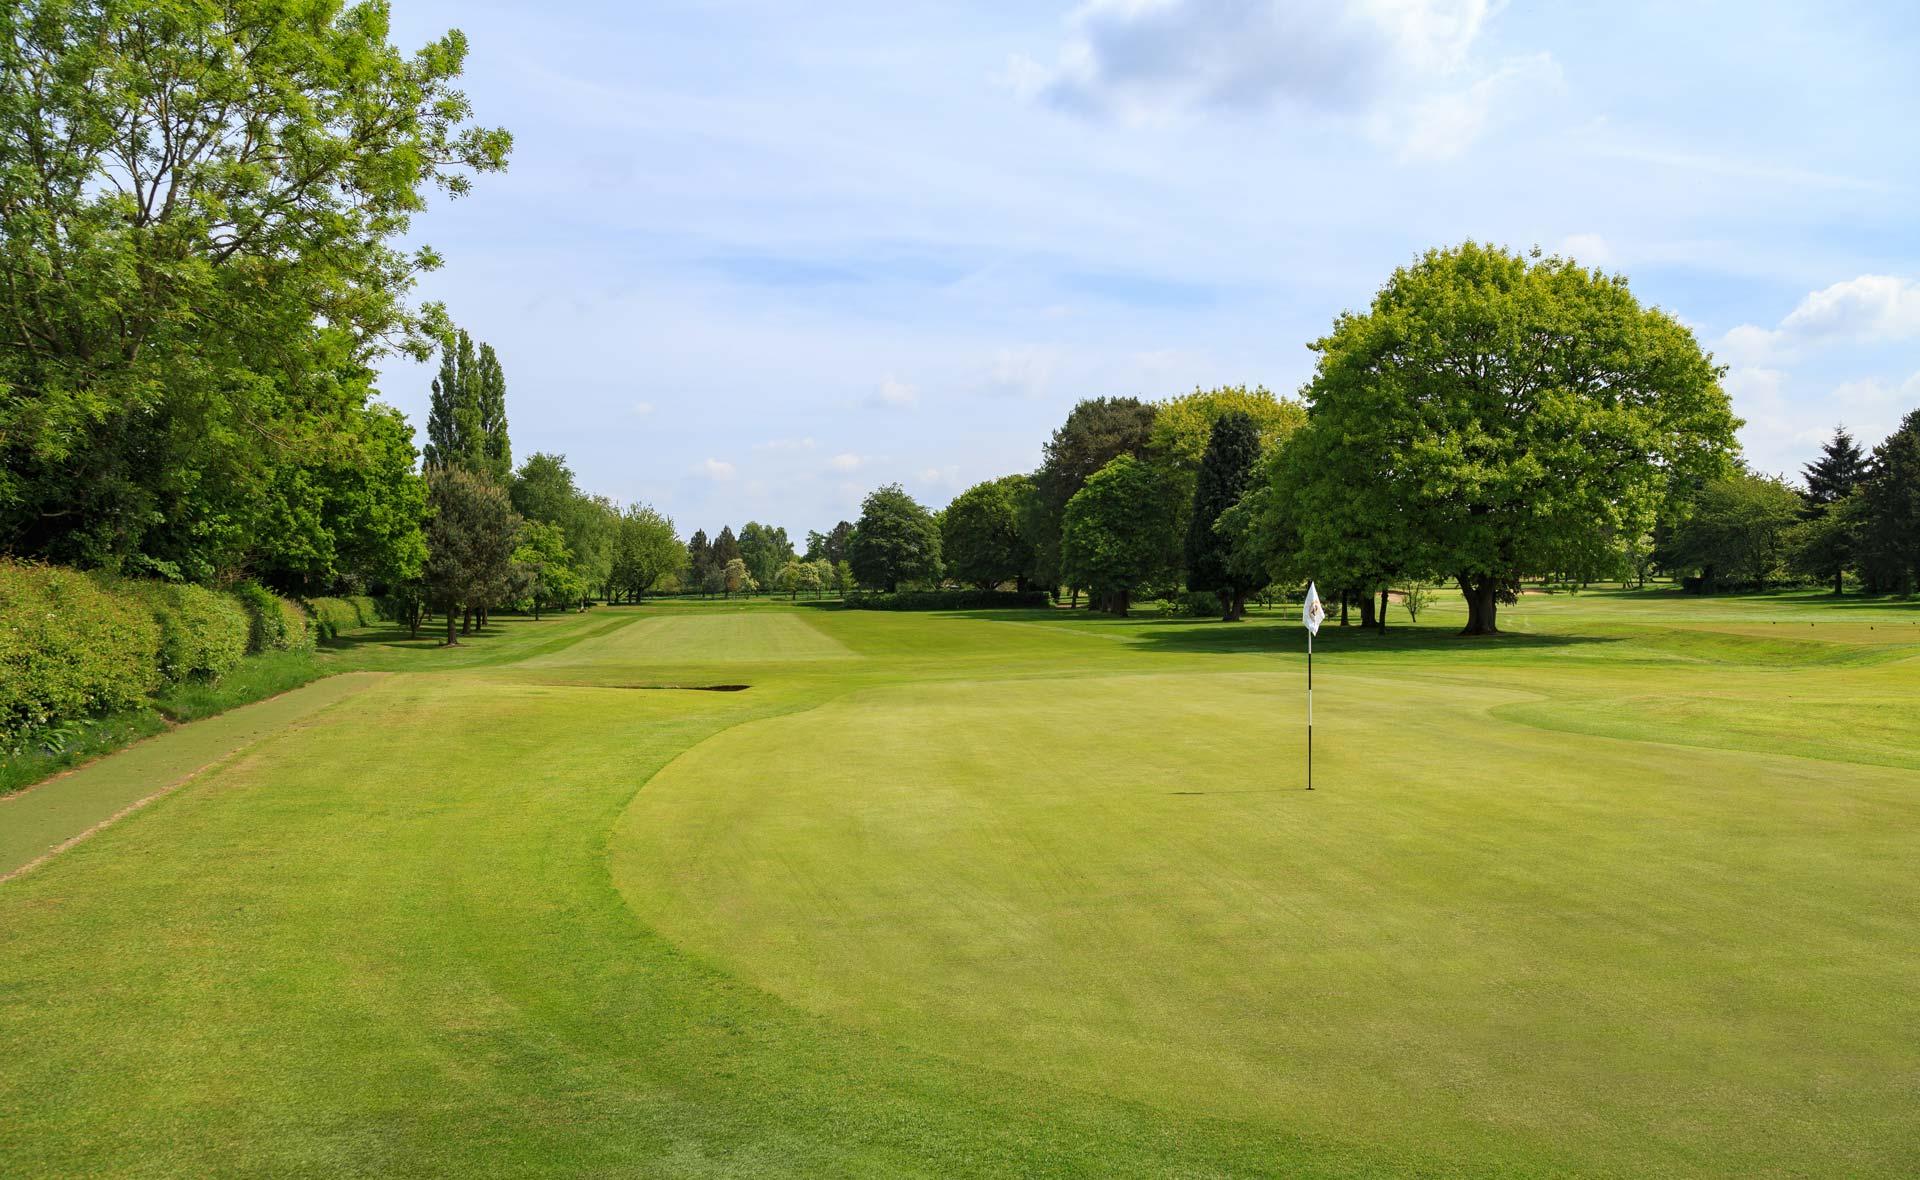 south staffordshire golf club hole 16